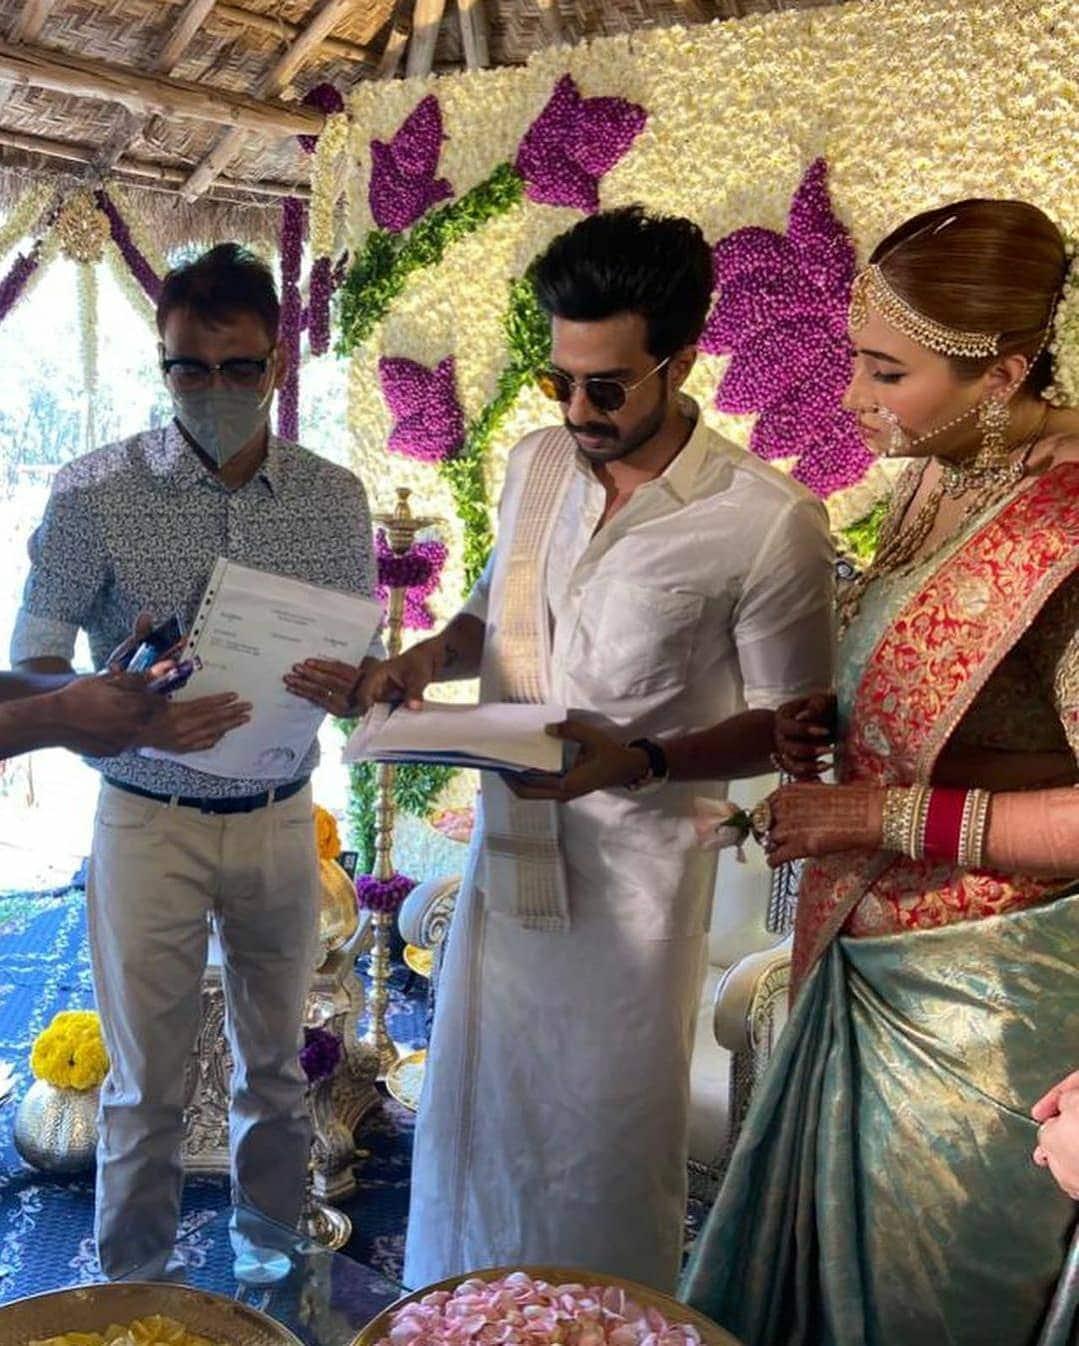 জোয়ালা বিয়ে করেছিলেন চেতন আনন্দের সঙ্গে। ২০১১ সালে তাঁদের বিবাহ বিচ্ছেদ হয়।